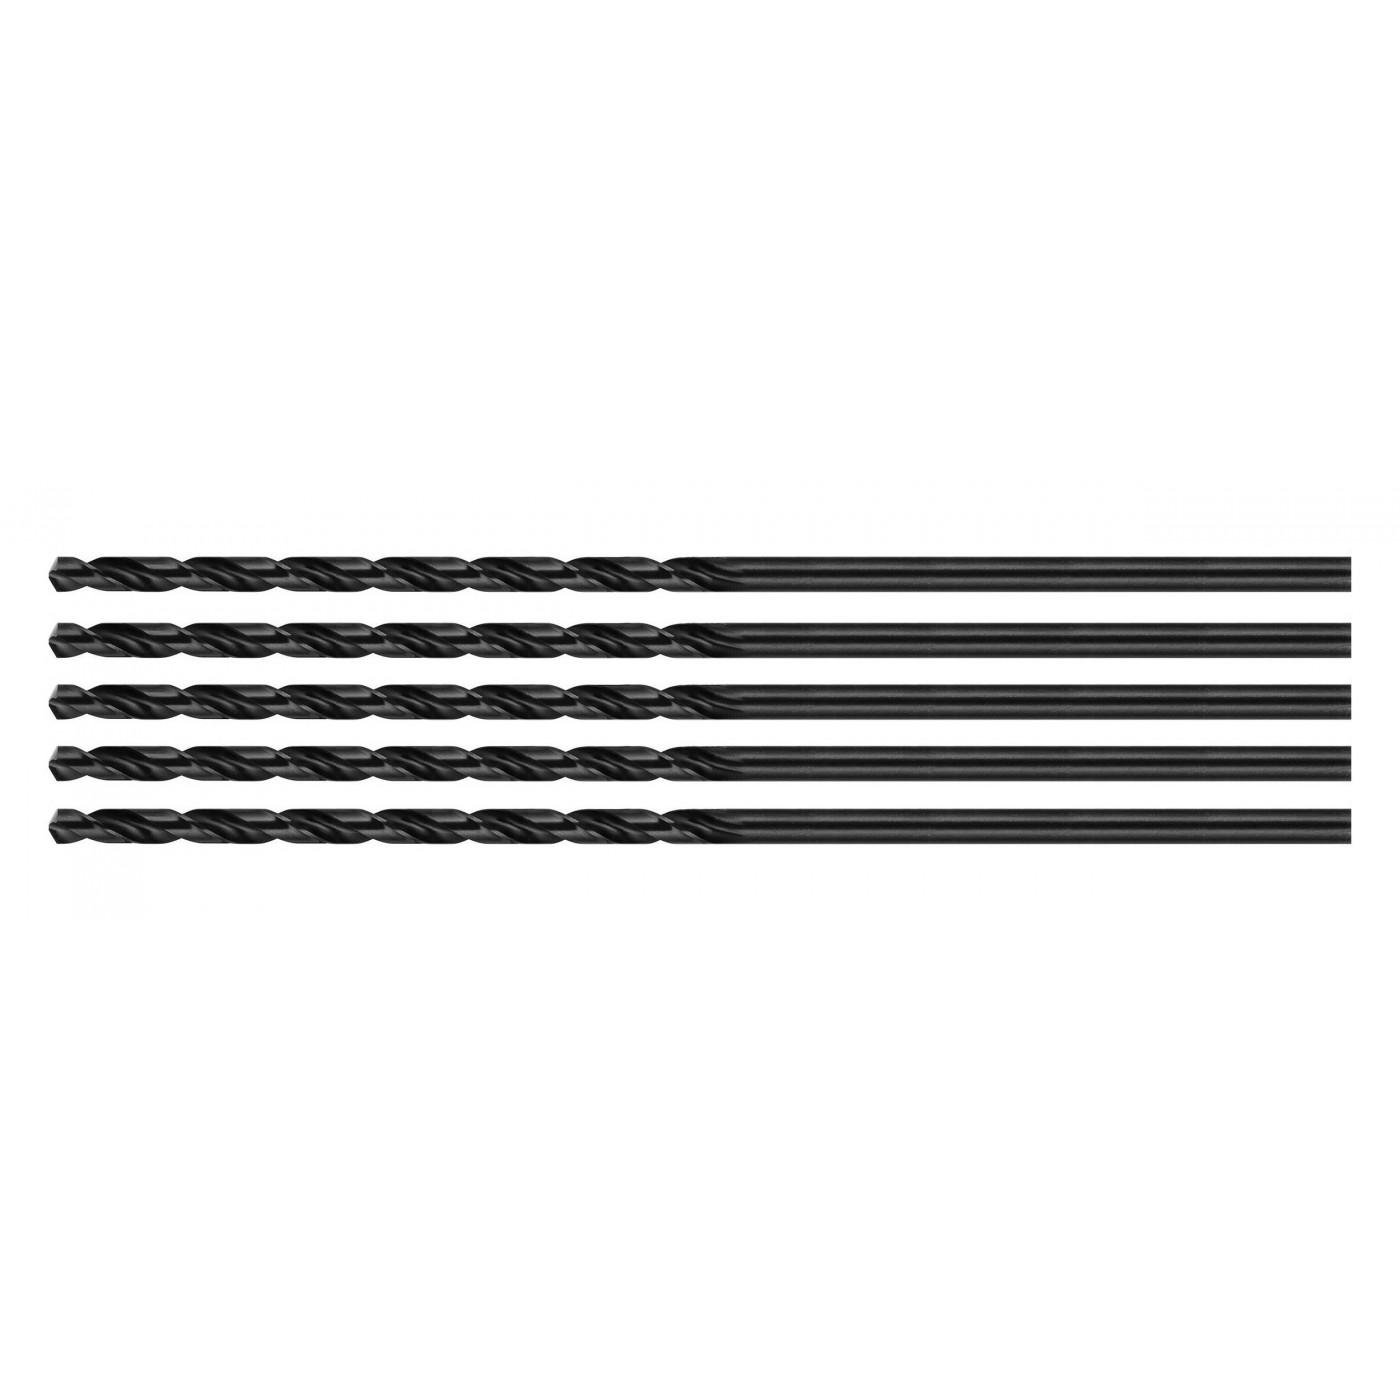 Set of 5 metal drill bits (HSS, 3.5x100 mm)